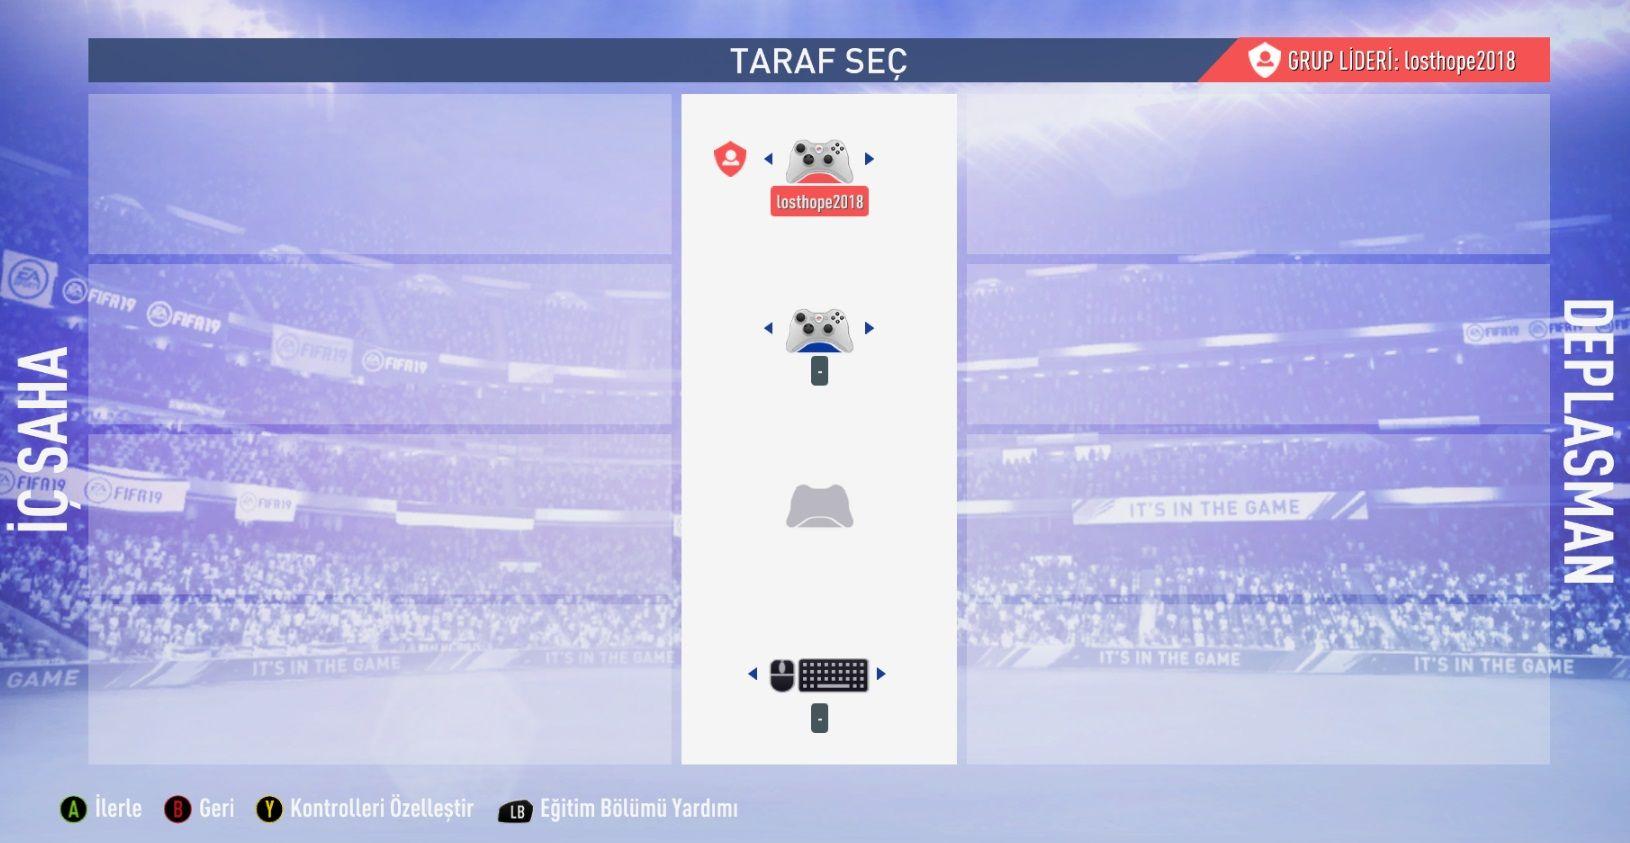 FIFA 19 Demo Sürekli Tuşa Basılıyormuş Gibi Oluyor - Technopat Sosyal